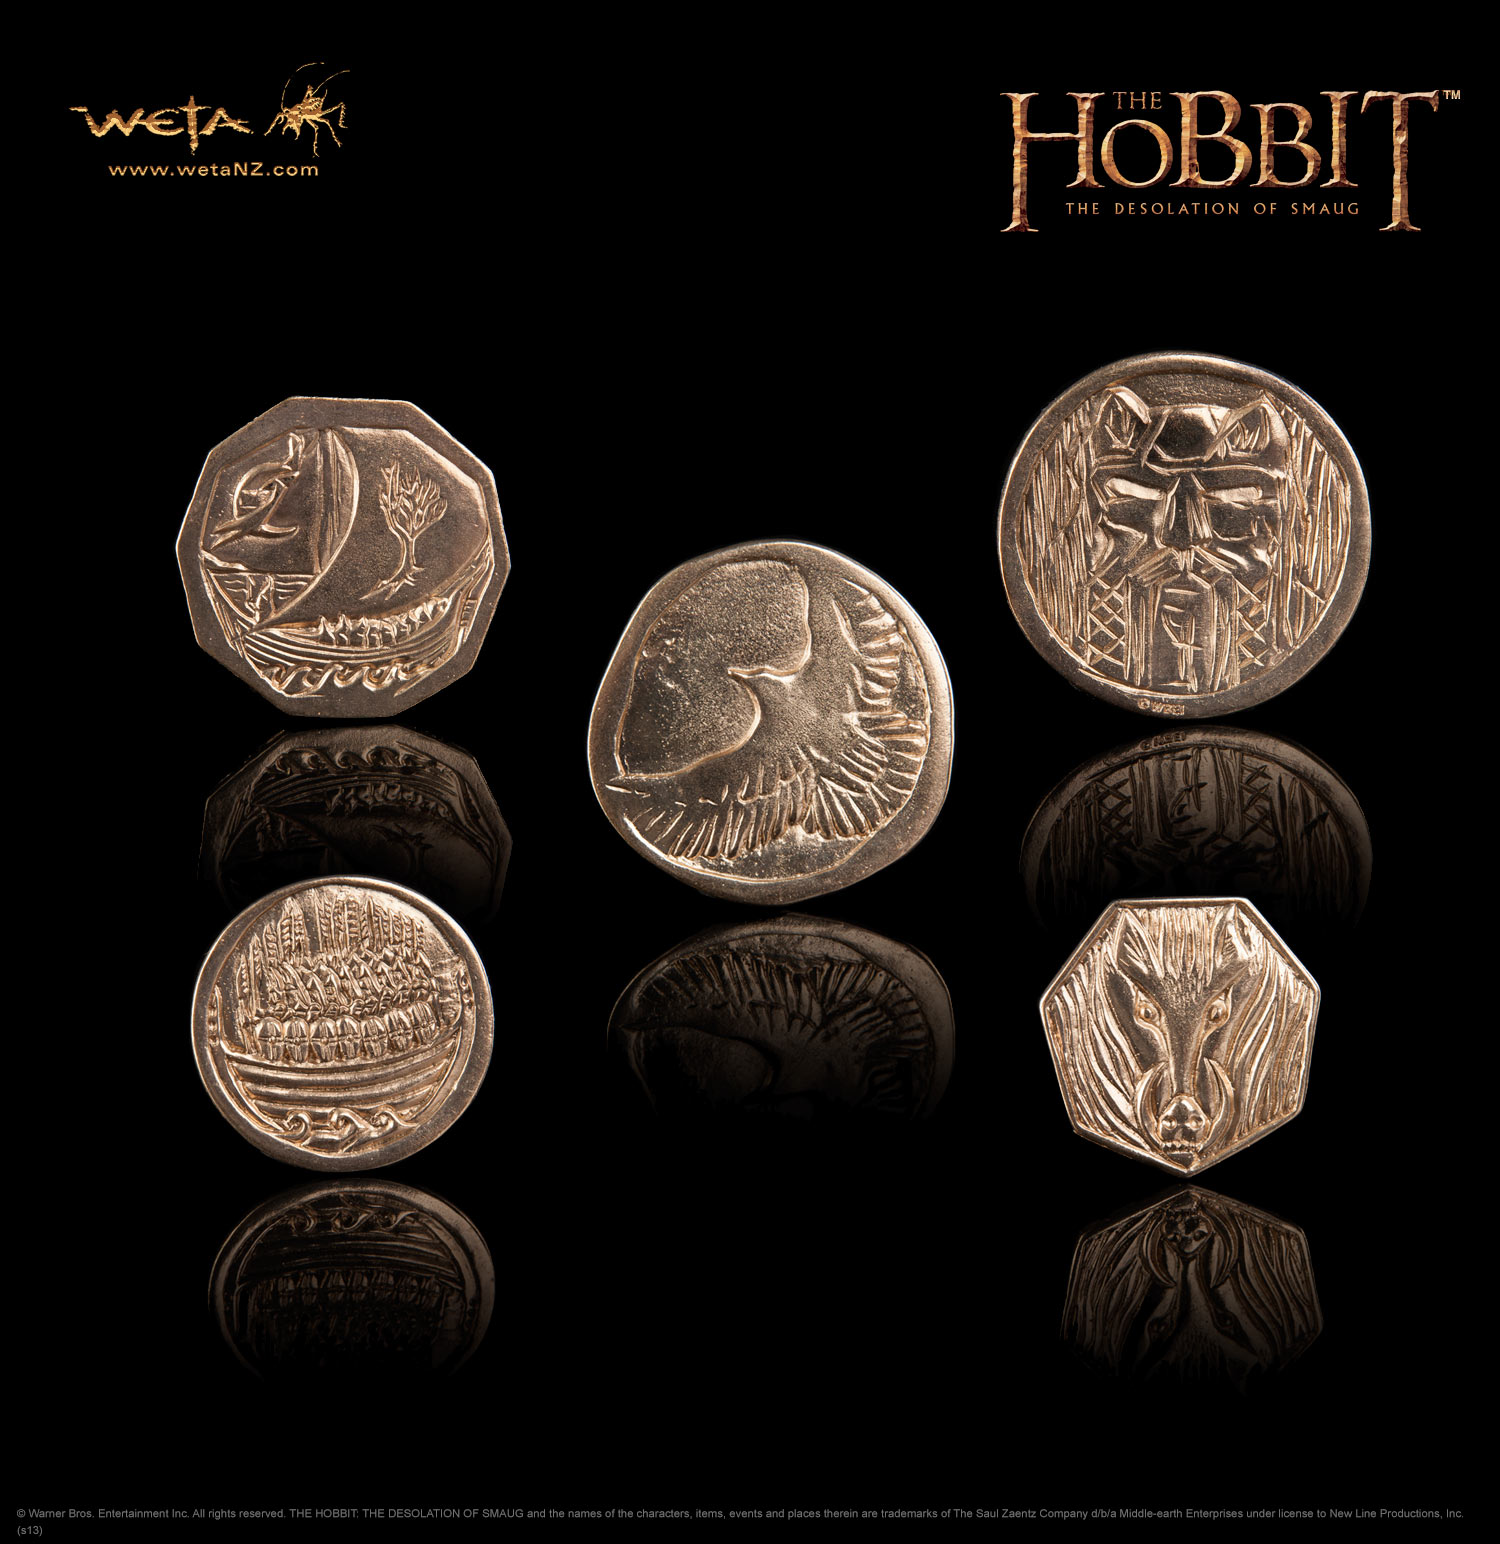 ホビット 竜に奪われた王国 スマウグの宝 コイン セット (全5種)